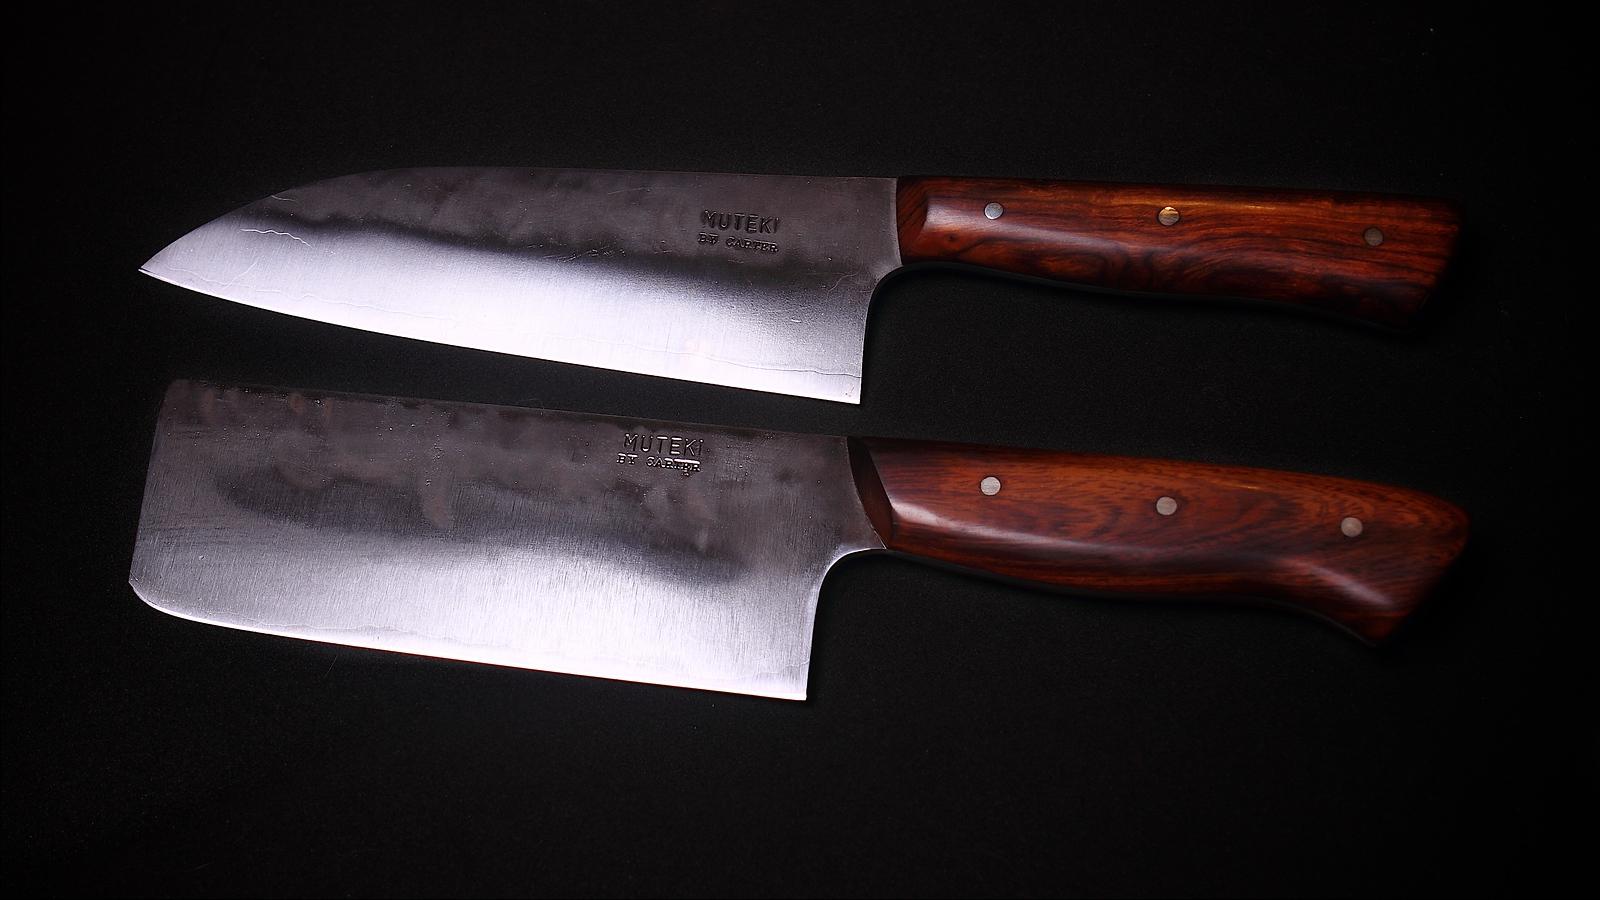 Hand forged knives from the Muteki series by Carter Cutlery, Top: 5.15 sun Wa-Bocho,; Bottom 4.49 sun Nakiri.